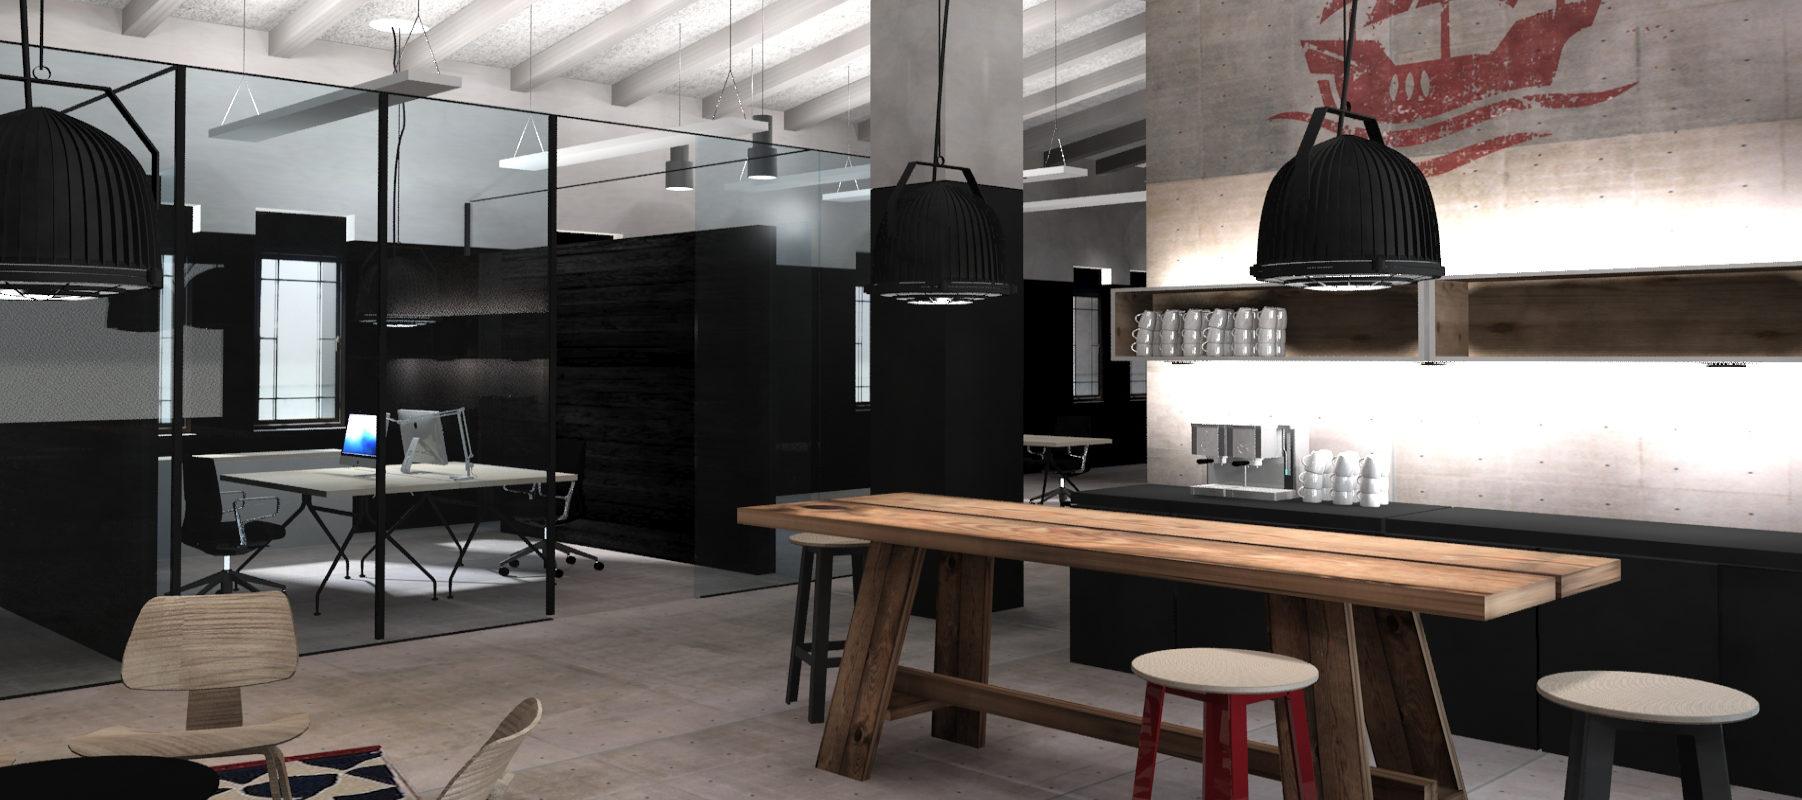 Interiordesign Office Mitarbeiterküche